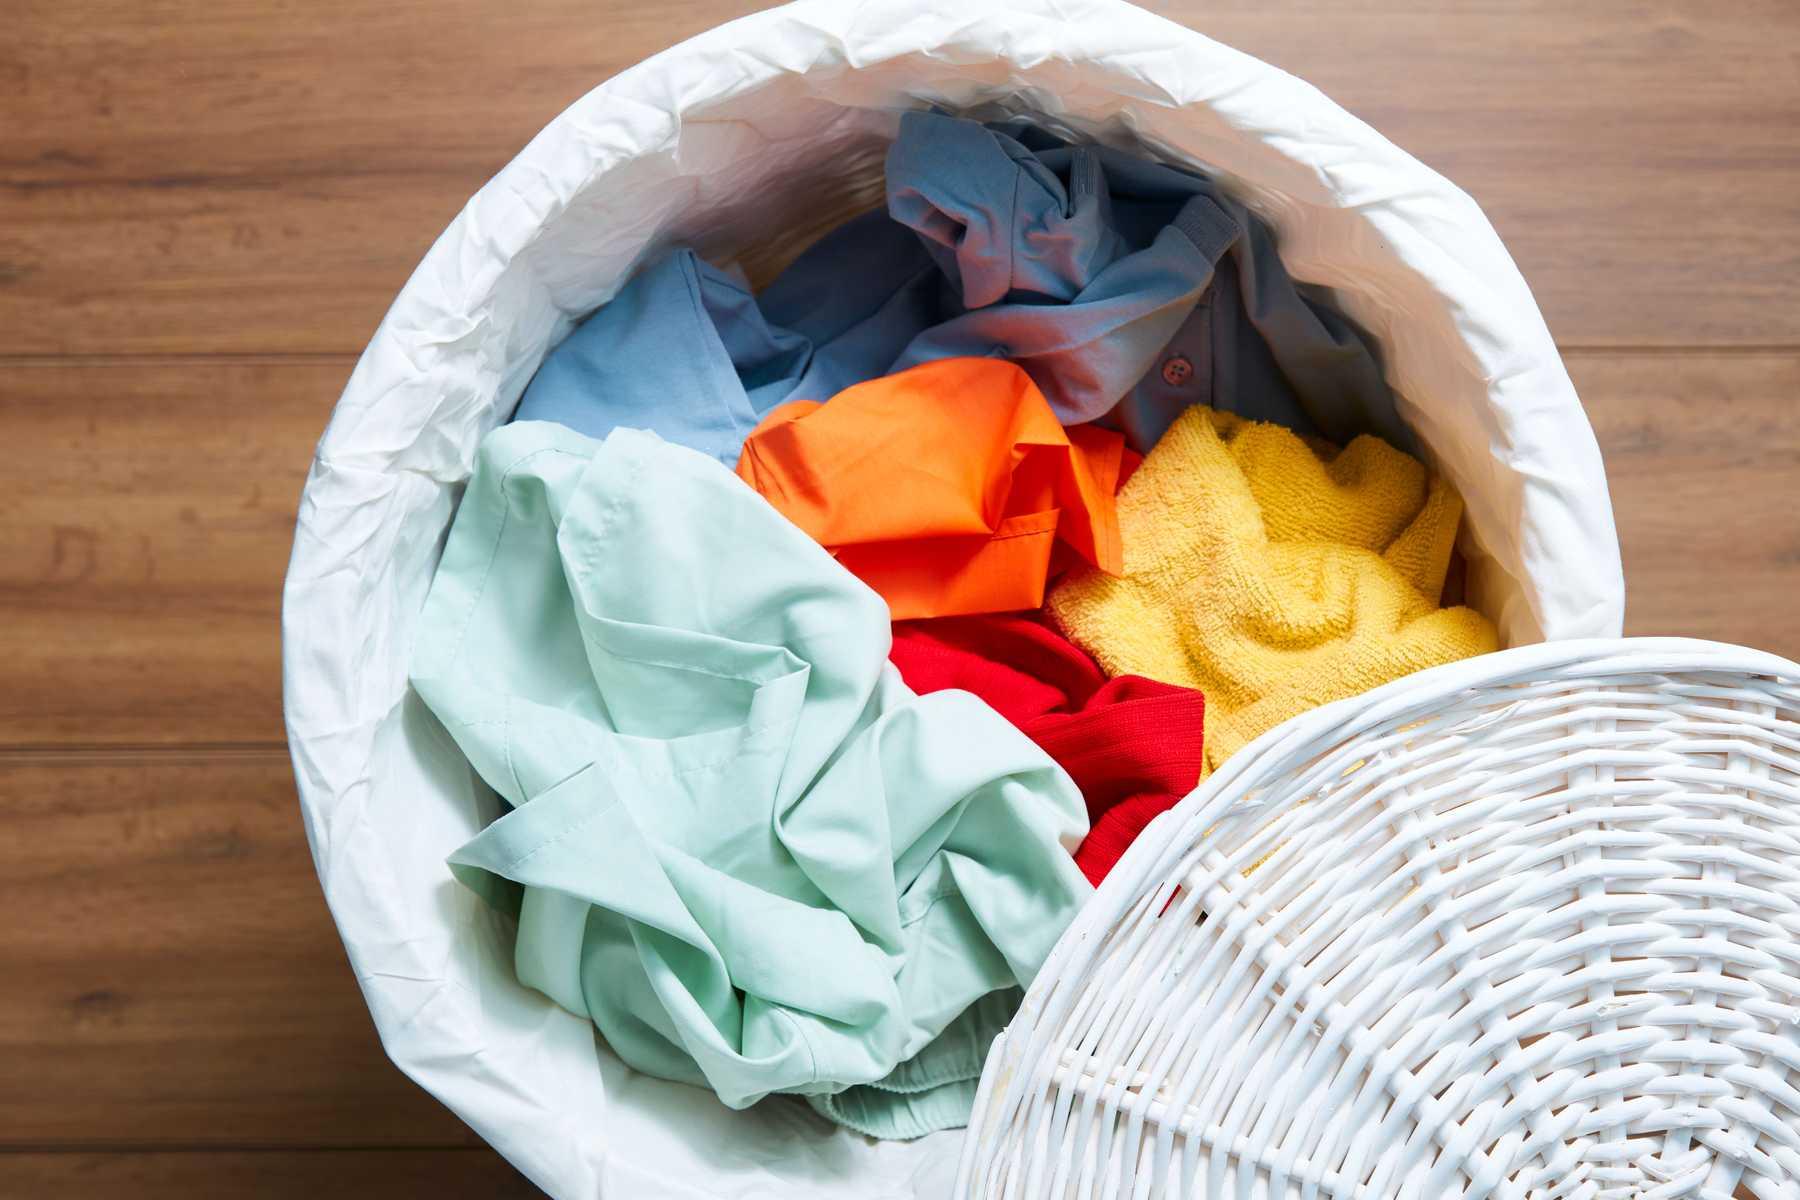 Những cách xử lý quần áo hàng thùng các chị em nên biết